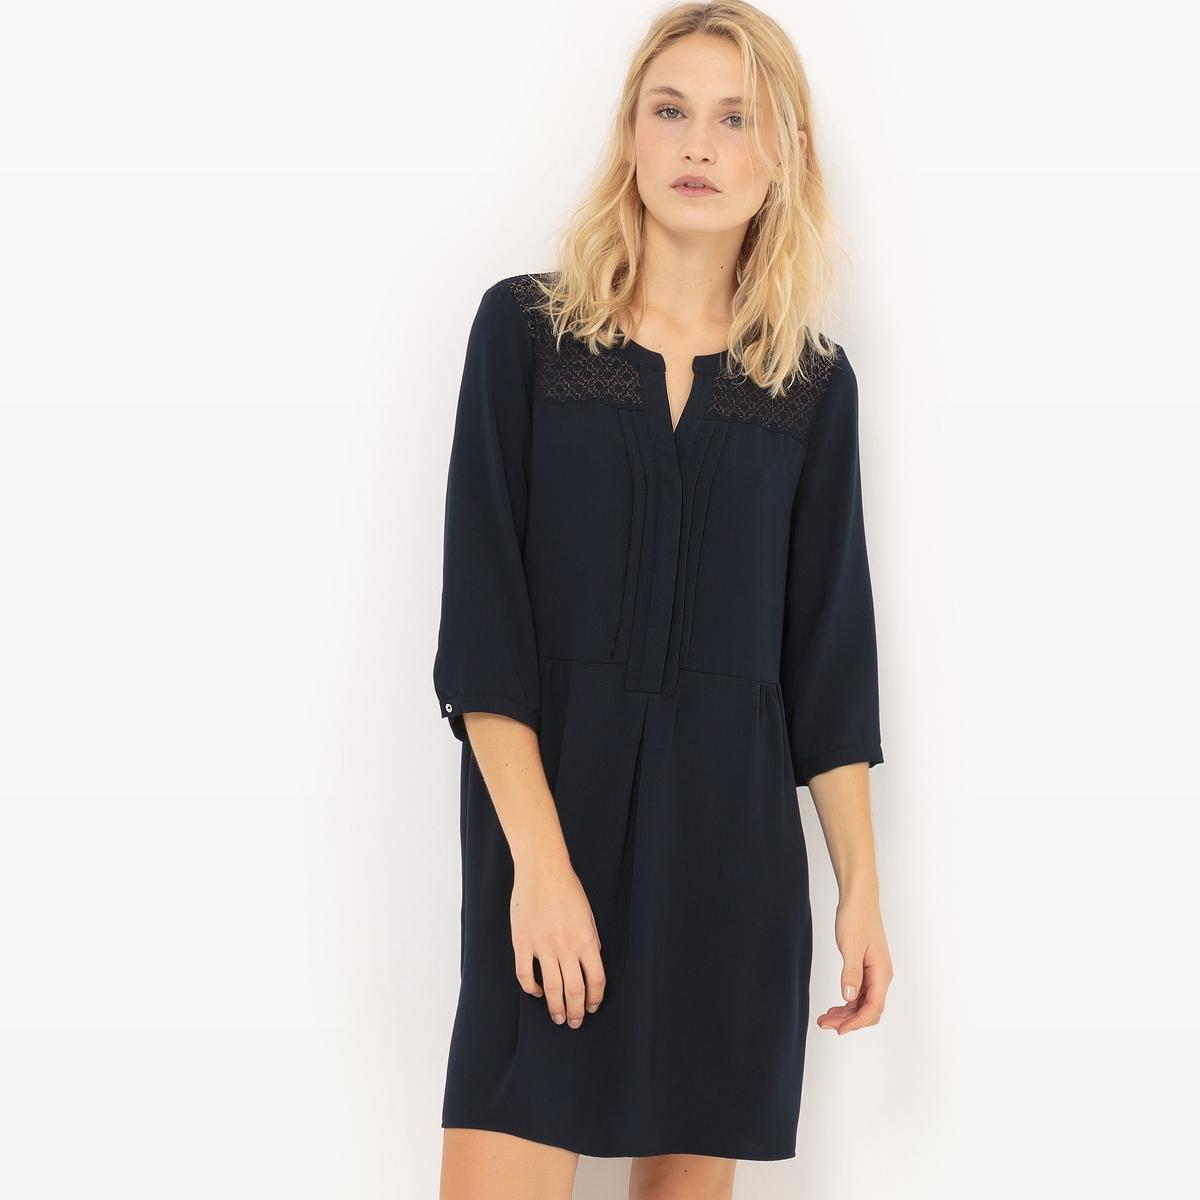 Платье с рукавами 3/4, кружевная вставкаДетали   •  Форма : расклешенная   •  Длина до колен •  Рукава 3/4    •  Тунисский вырезСостав и уход  •  100% полиэстер • Просьба следовать советам по уходу, указанным на этикетке изделия<br><br>Цвет: темно-синий<br>Размер: XS